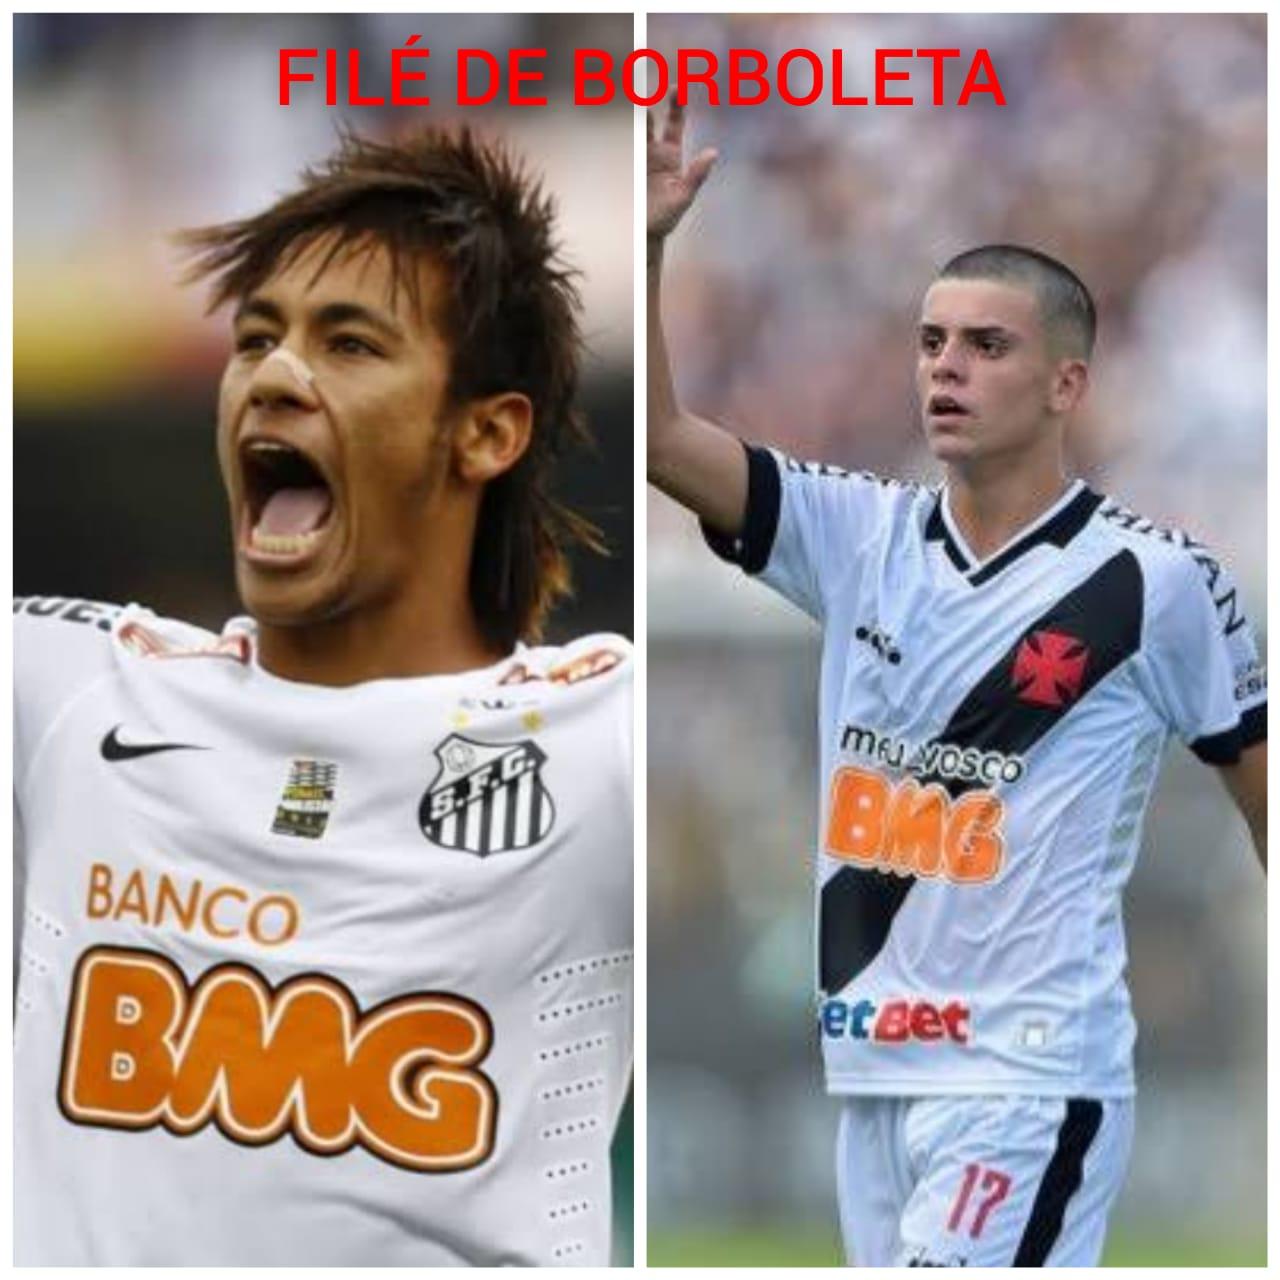 Neymar e Pec, chamados de filé de borboleta por Luxa